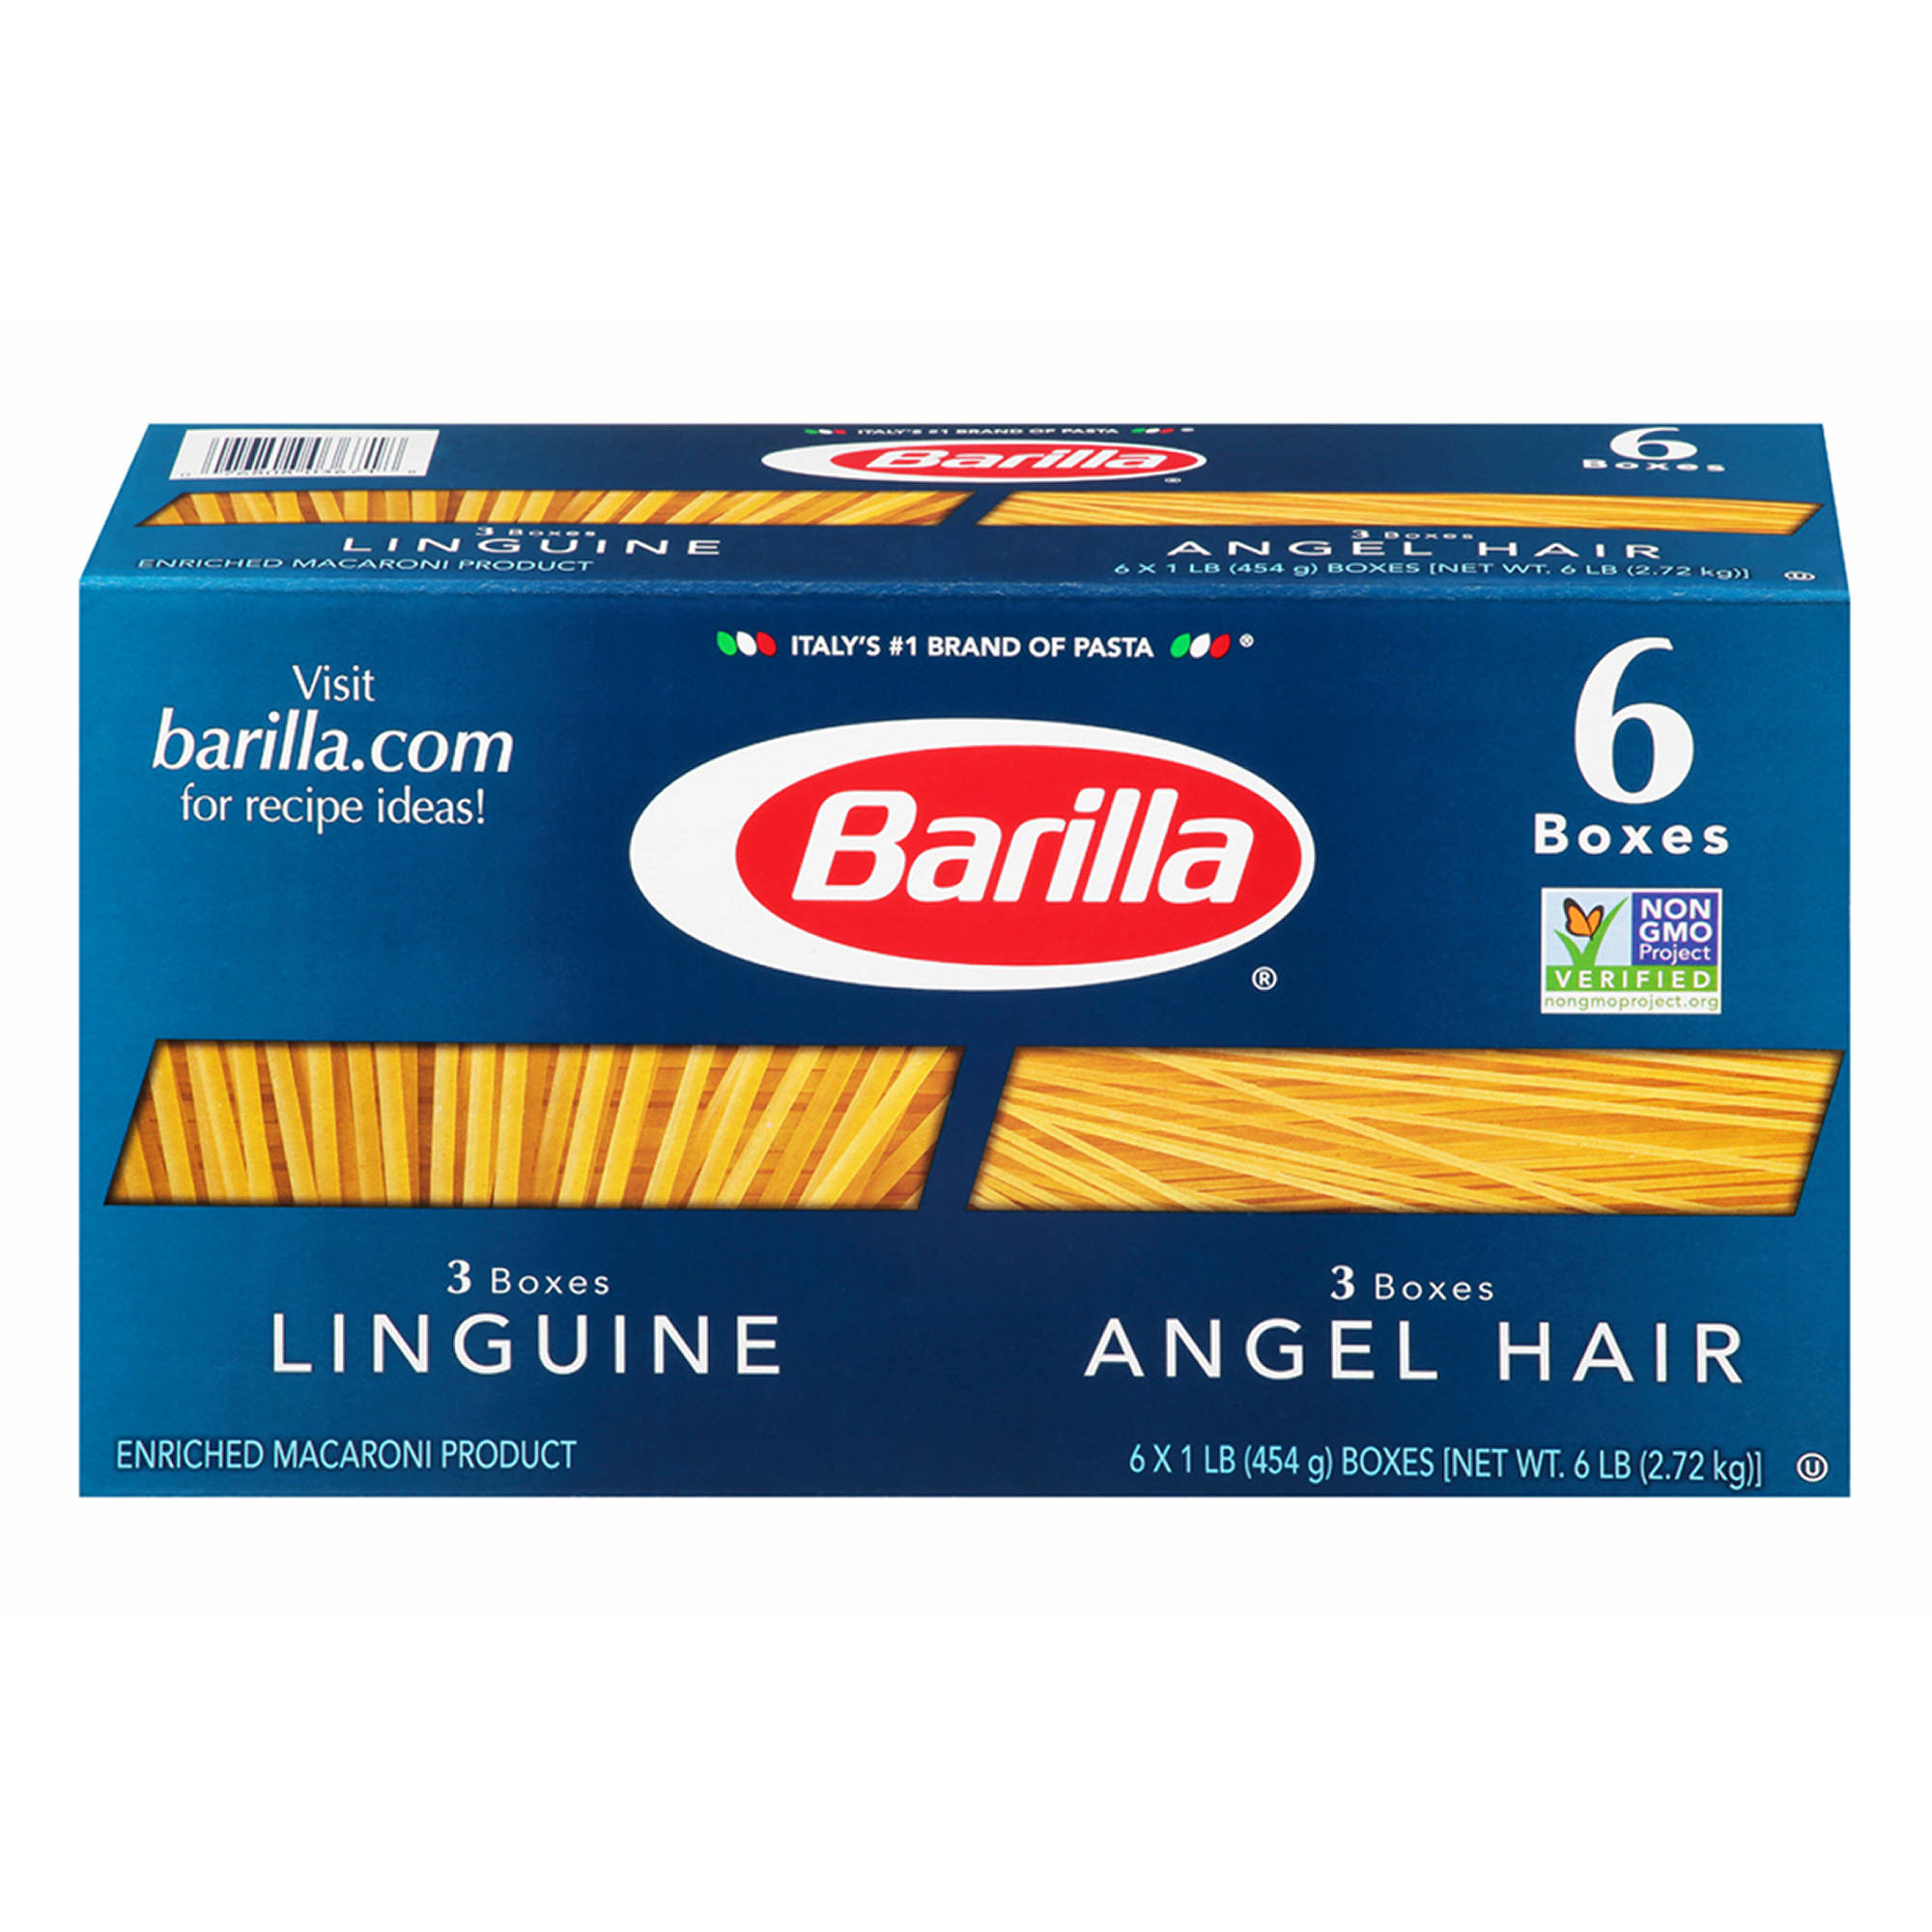 barilla spa a barilla angel hair and linguine pasta oz pk bj  barilla angel hair and linguine pasta 16 oz 6 pk bj s barilla angel hair and